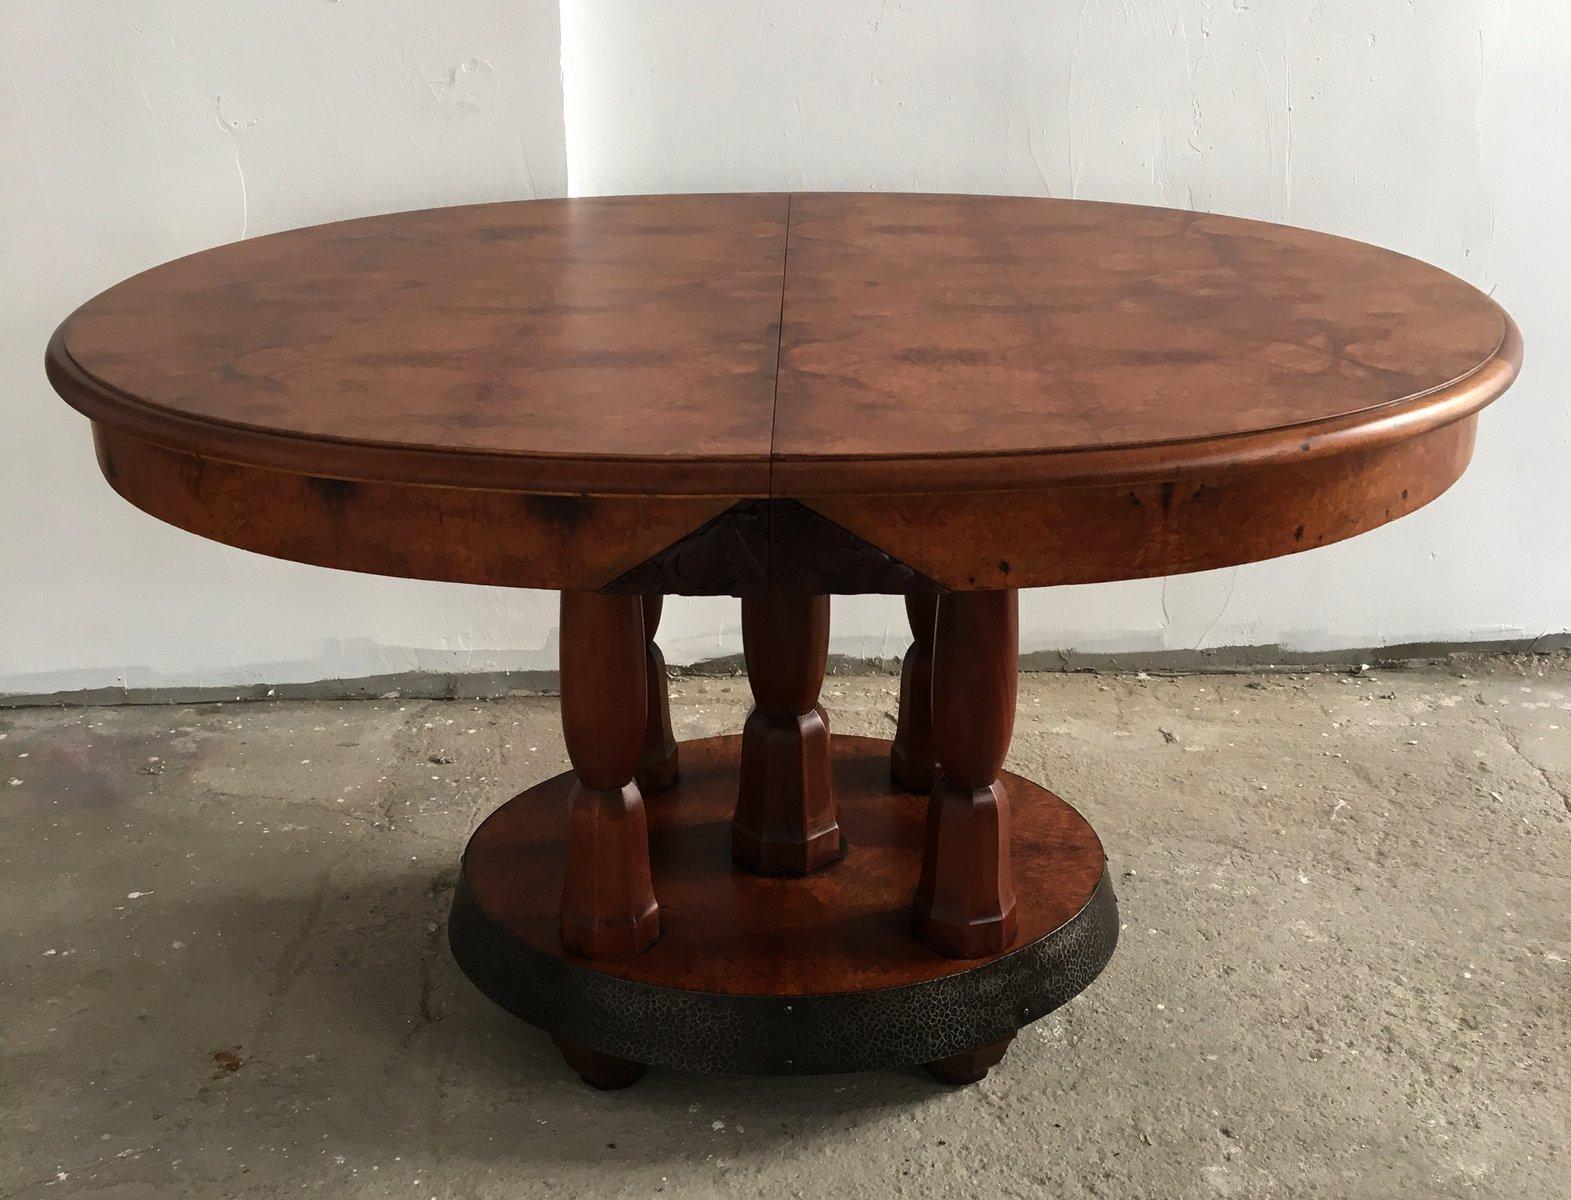 Tavolo da pranzo rotondo art d co in radica di noce e mogano francia anni 39 30 in vendita su pamono - Tavolo da falegname vendita ...